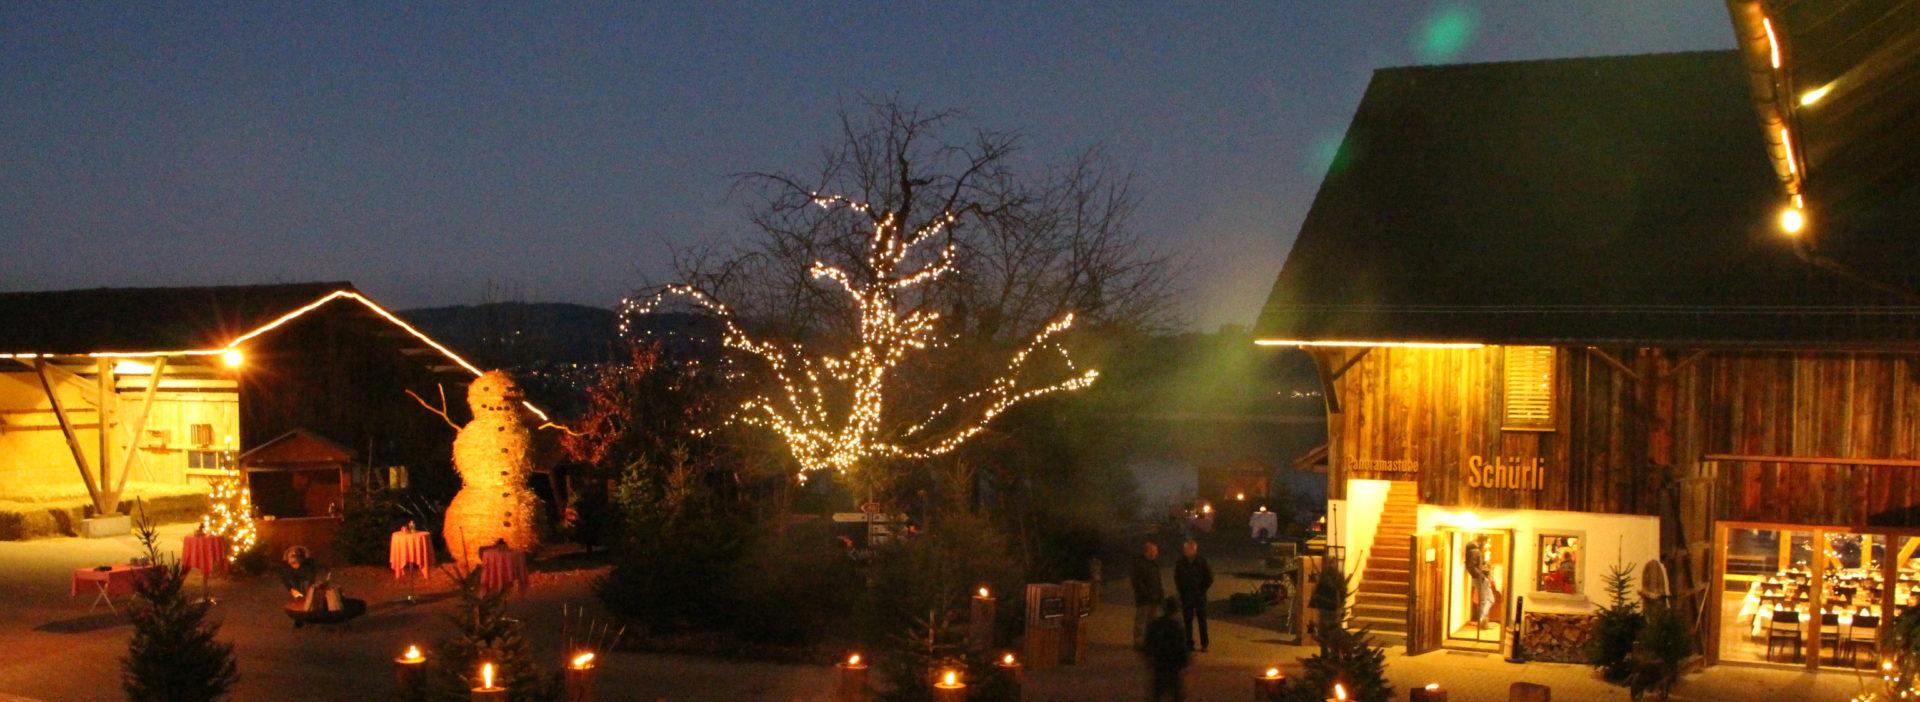 Juckerhof Hofplatz Weihnachtsfeier